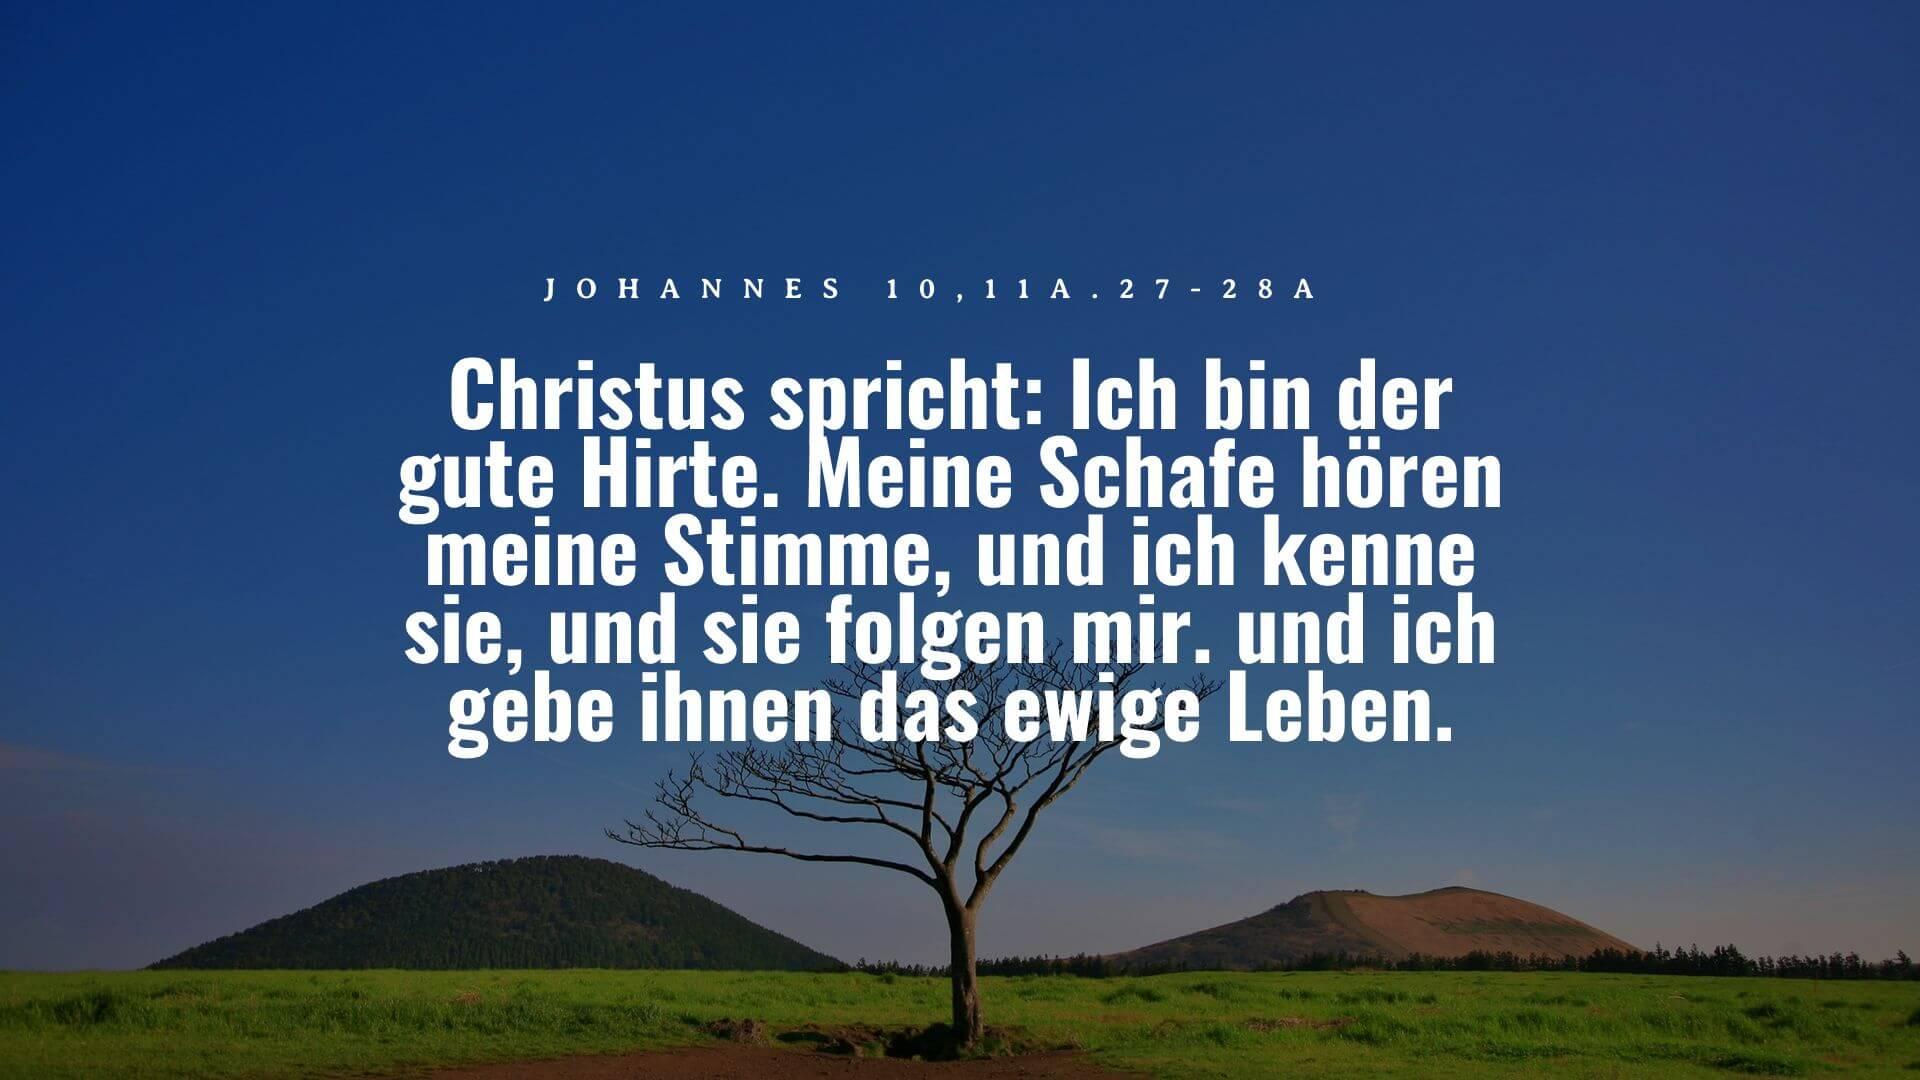 Christus spricht: Ich bin der gute Hirte. Meine Schafe hören meine Stimme, und ich kenne sie, und sie folgen mir. und ich gebe ihnen das ewige Leben. - Johannes 10,11a.27-28a